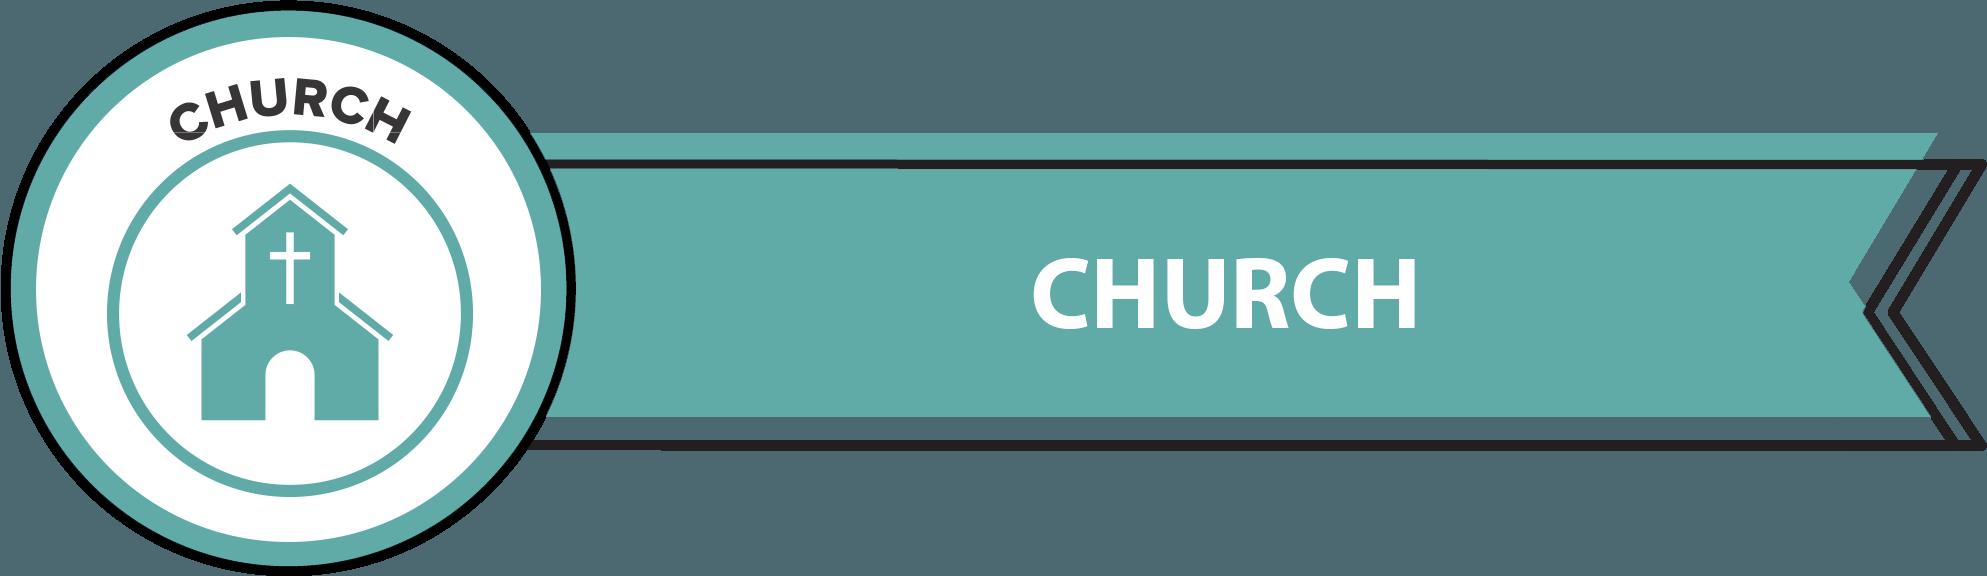 Church Concept